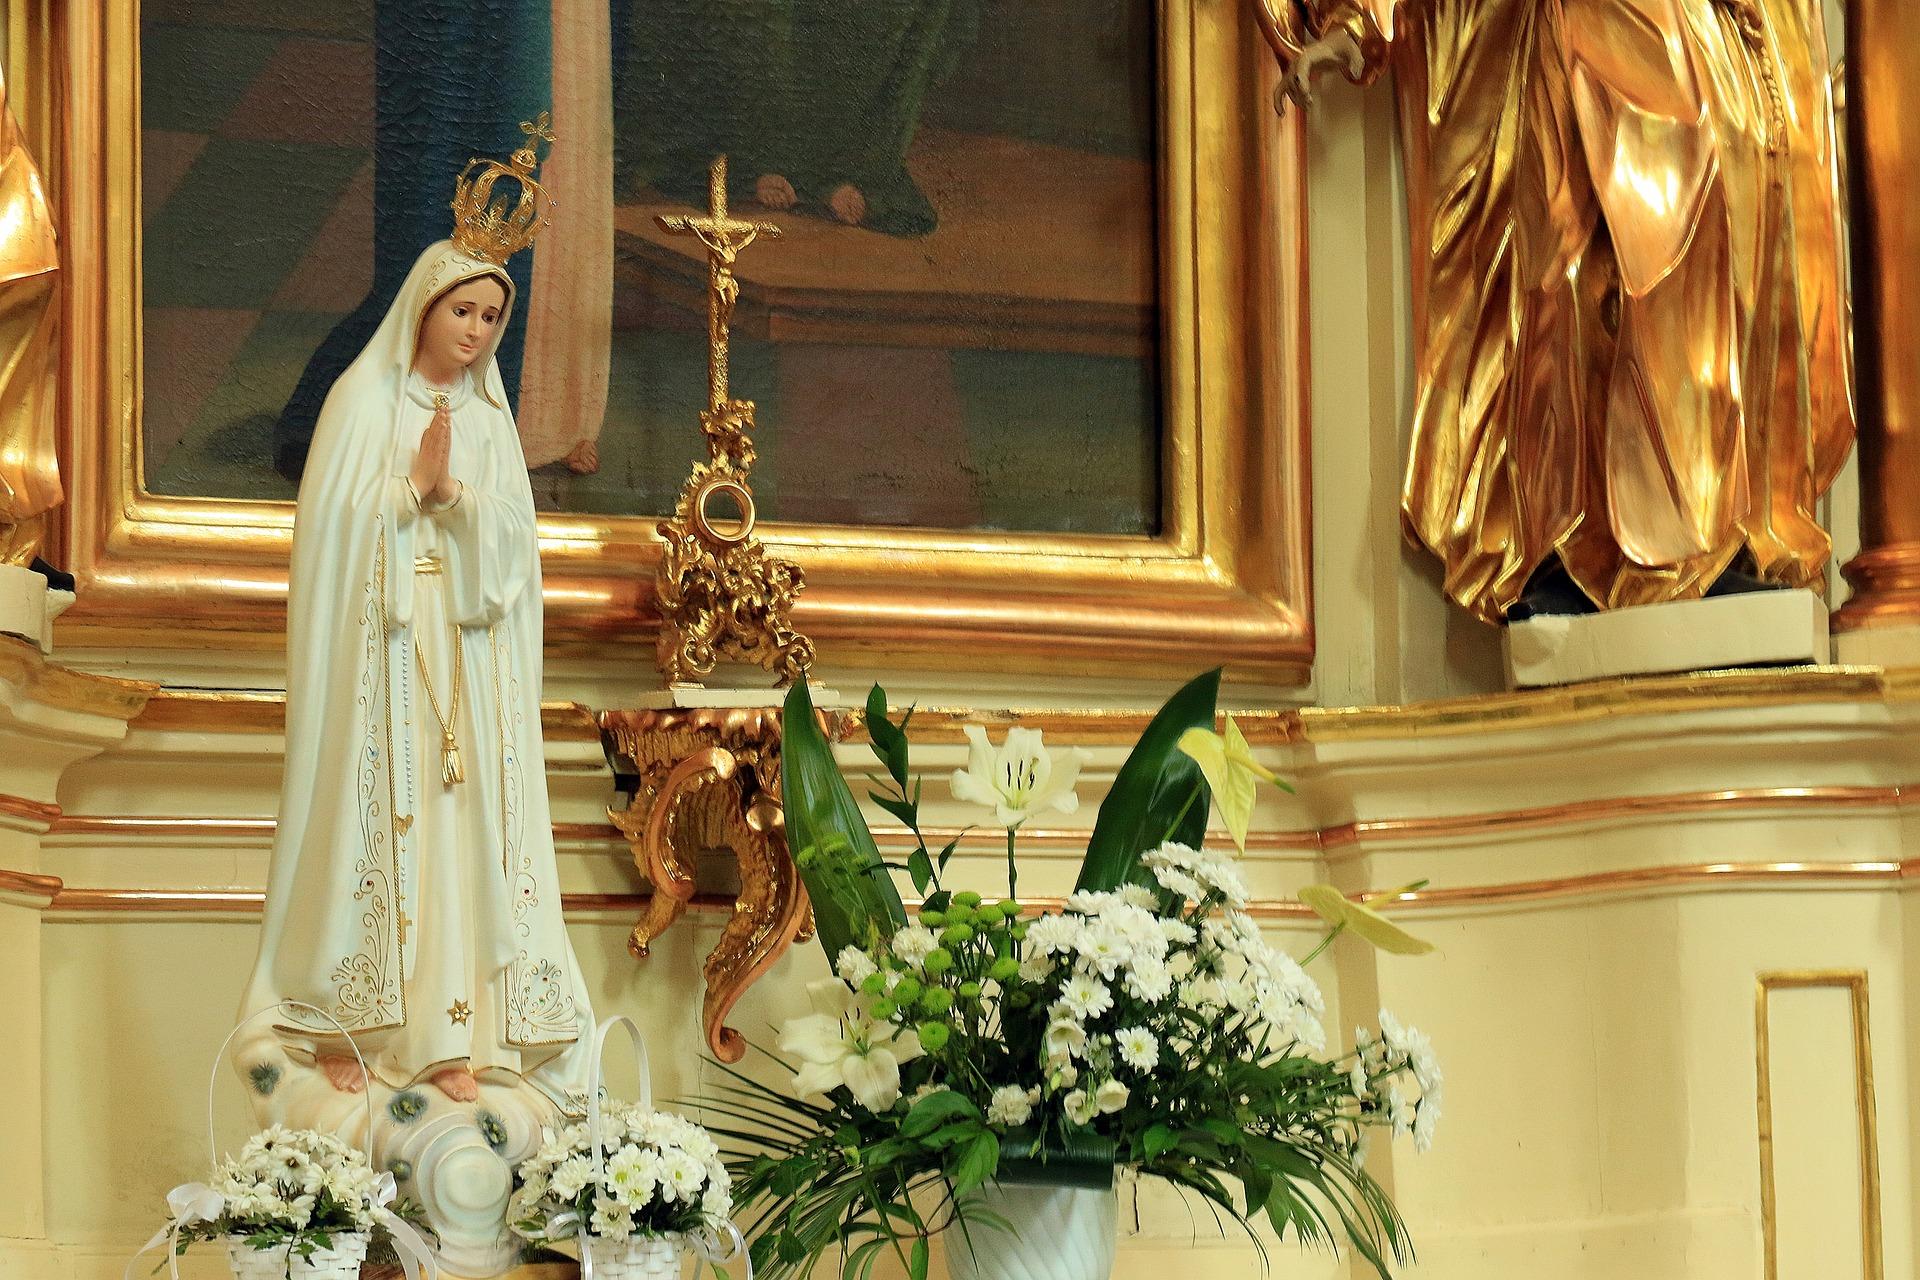 Holy-Mary-of-Fatima